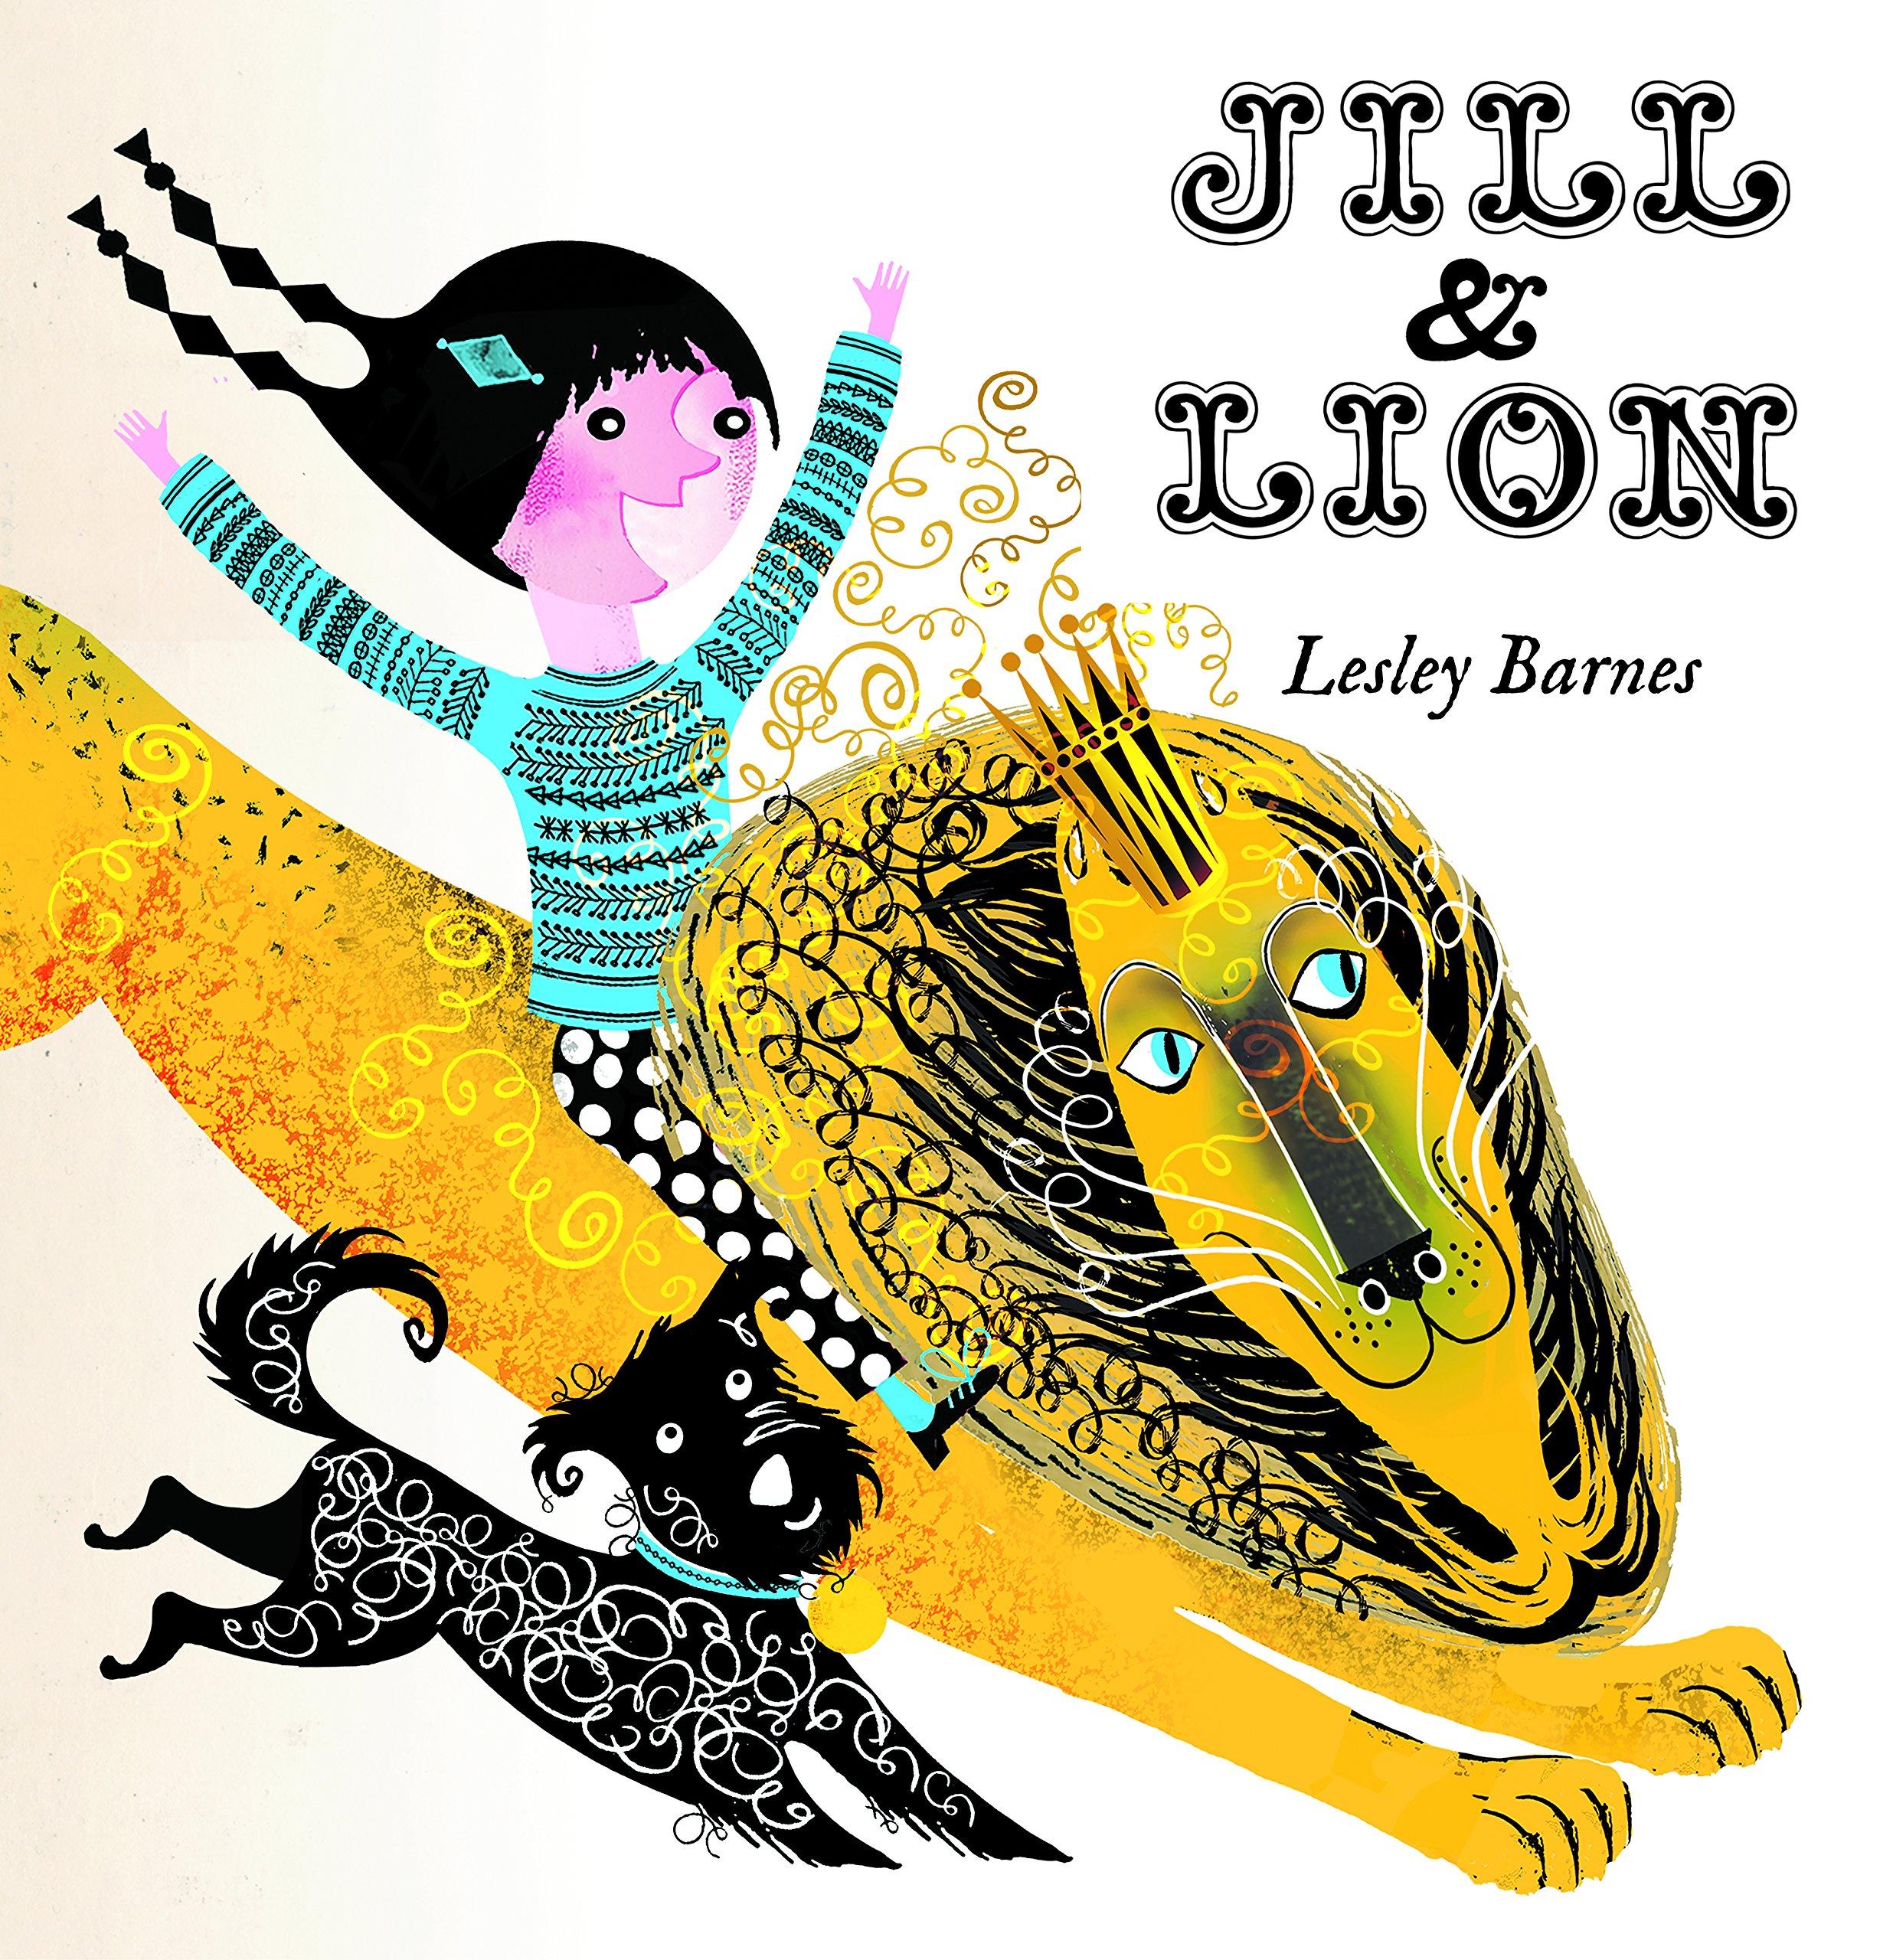 Design & Illustration: Lesley Barnes